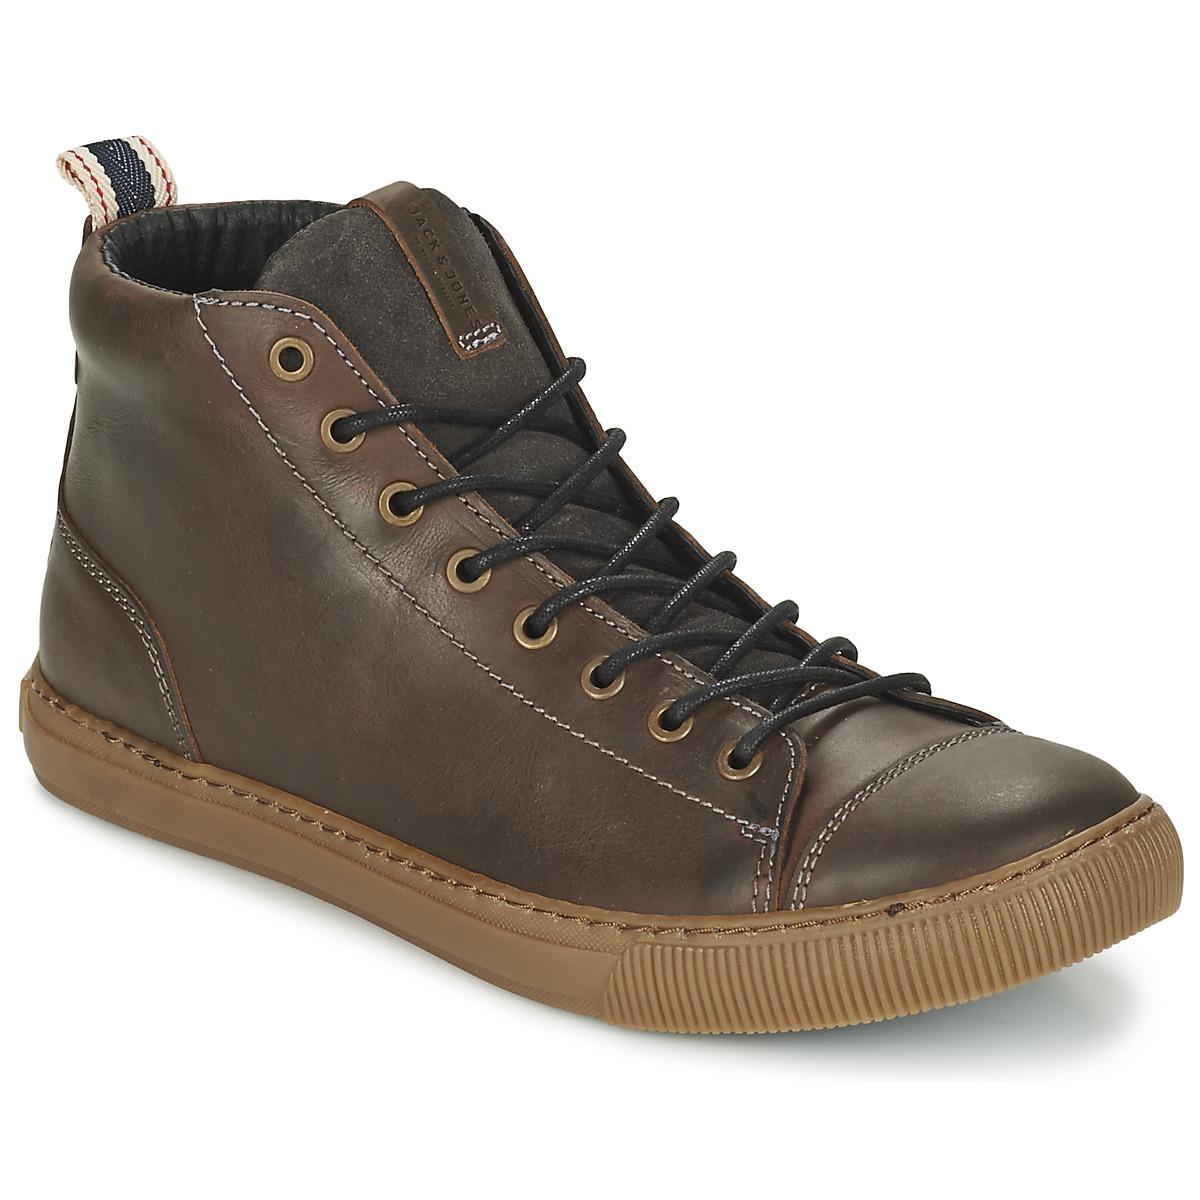 jack jones duran marron chaussure pas cher avec chaussures basket montante. Black Bedroom Furniture Sets. Home Design Ideas